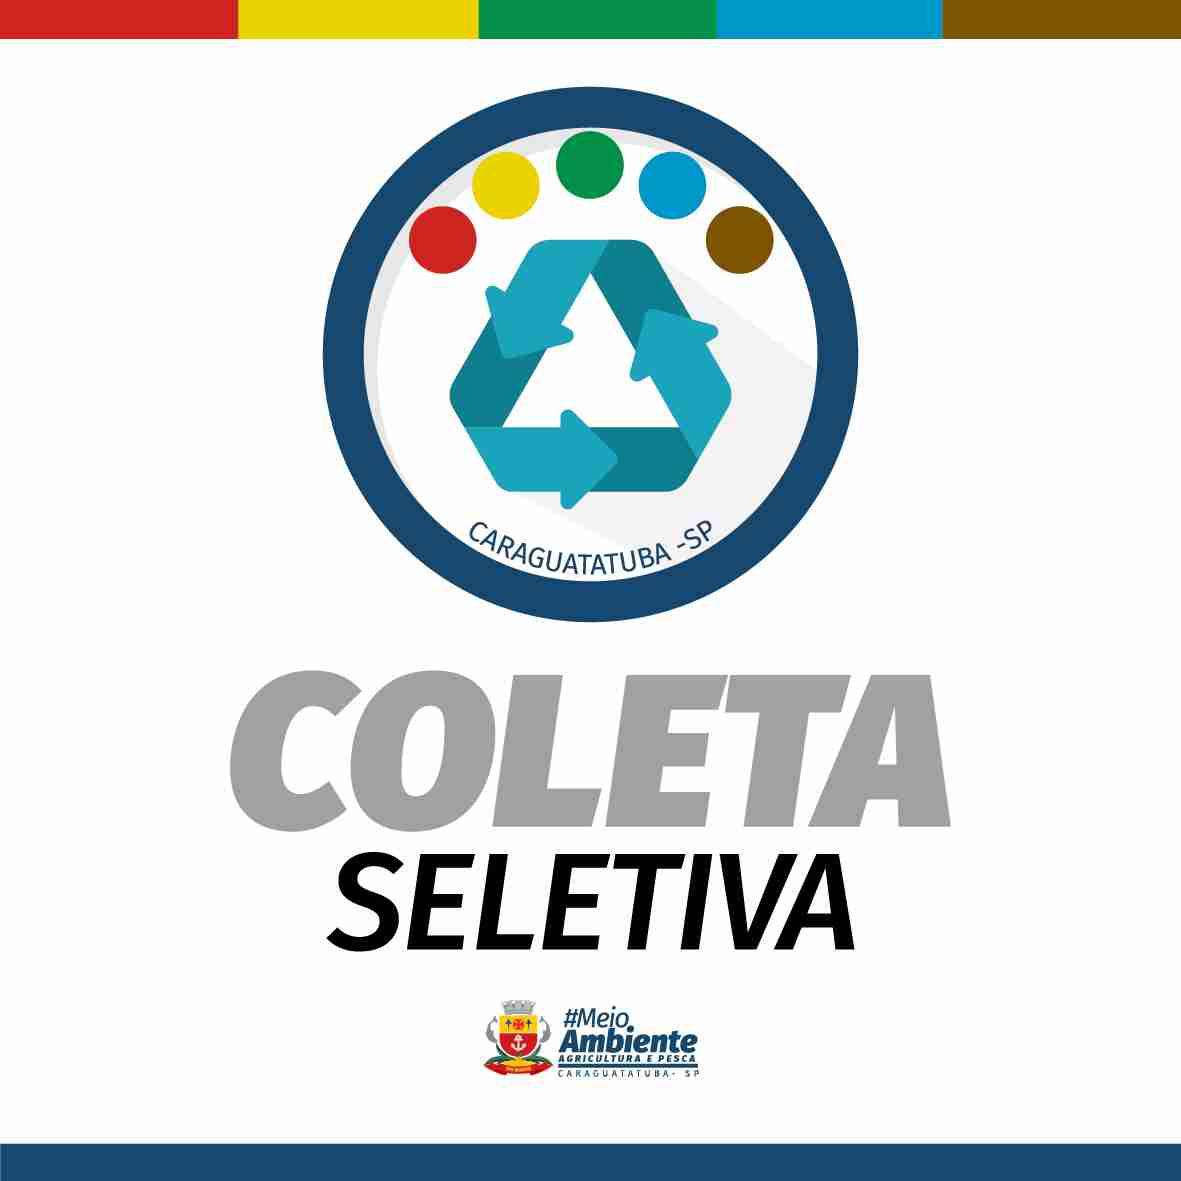 coleta seletiva-01